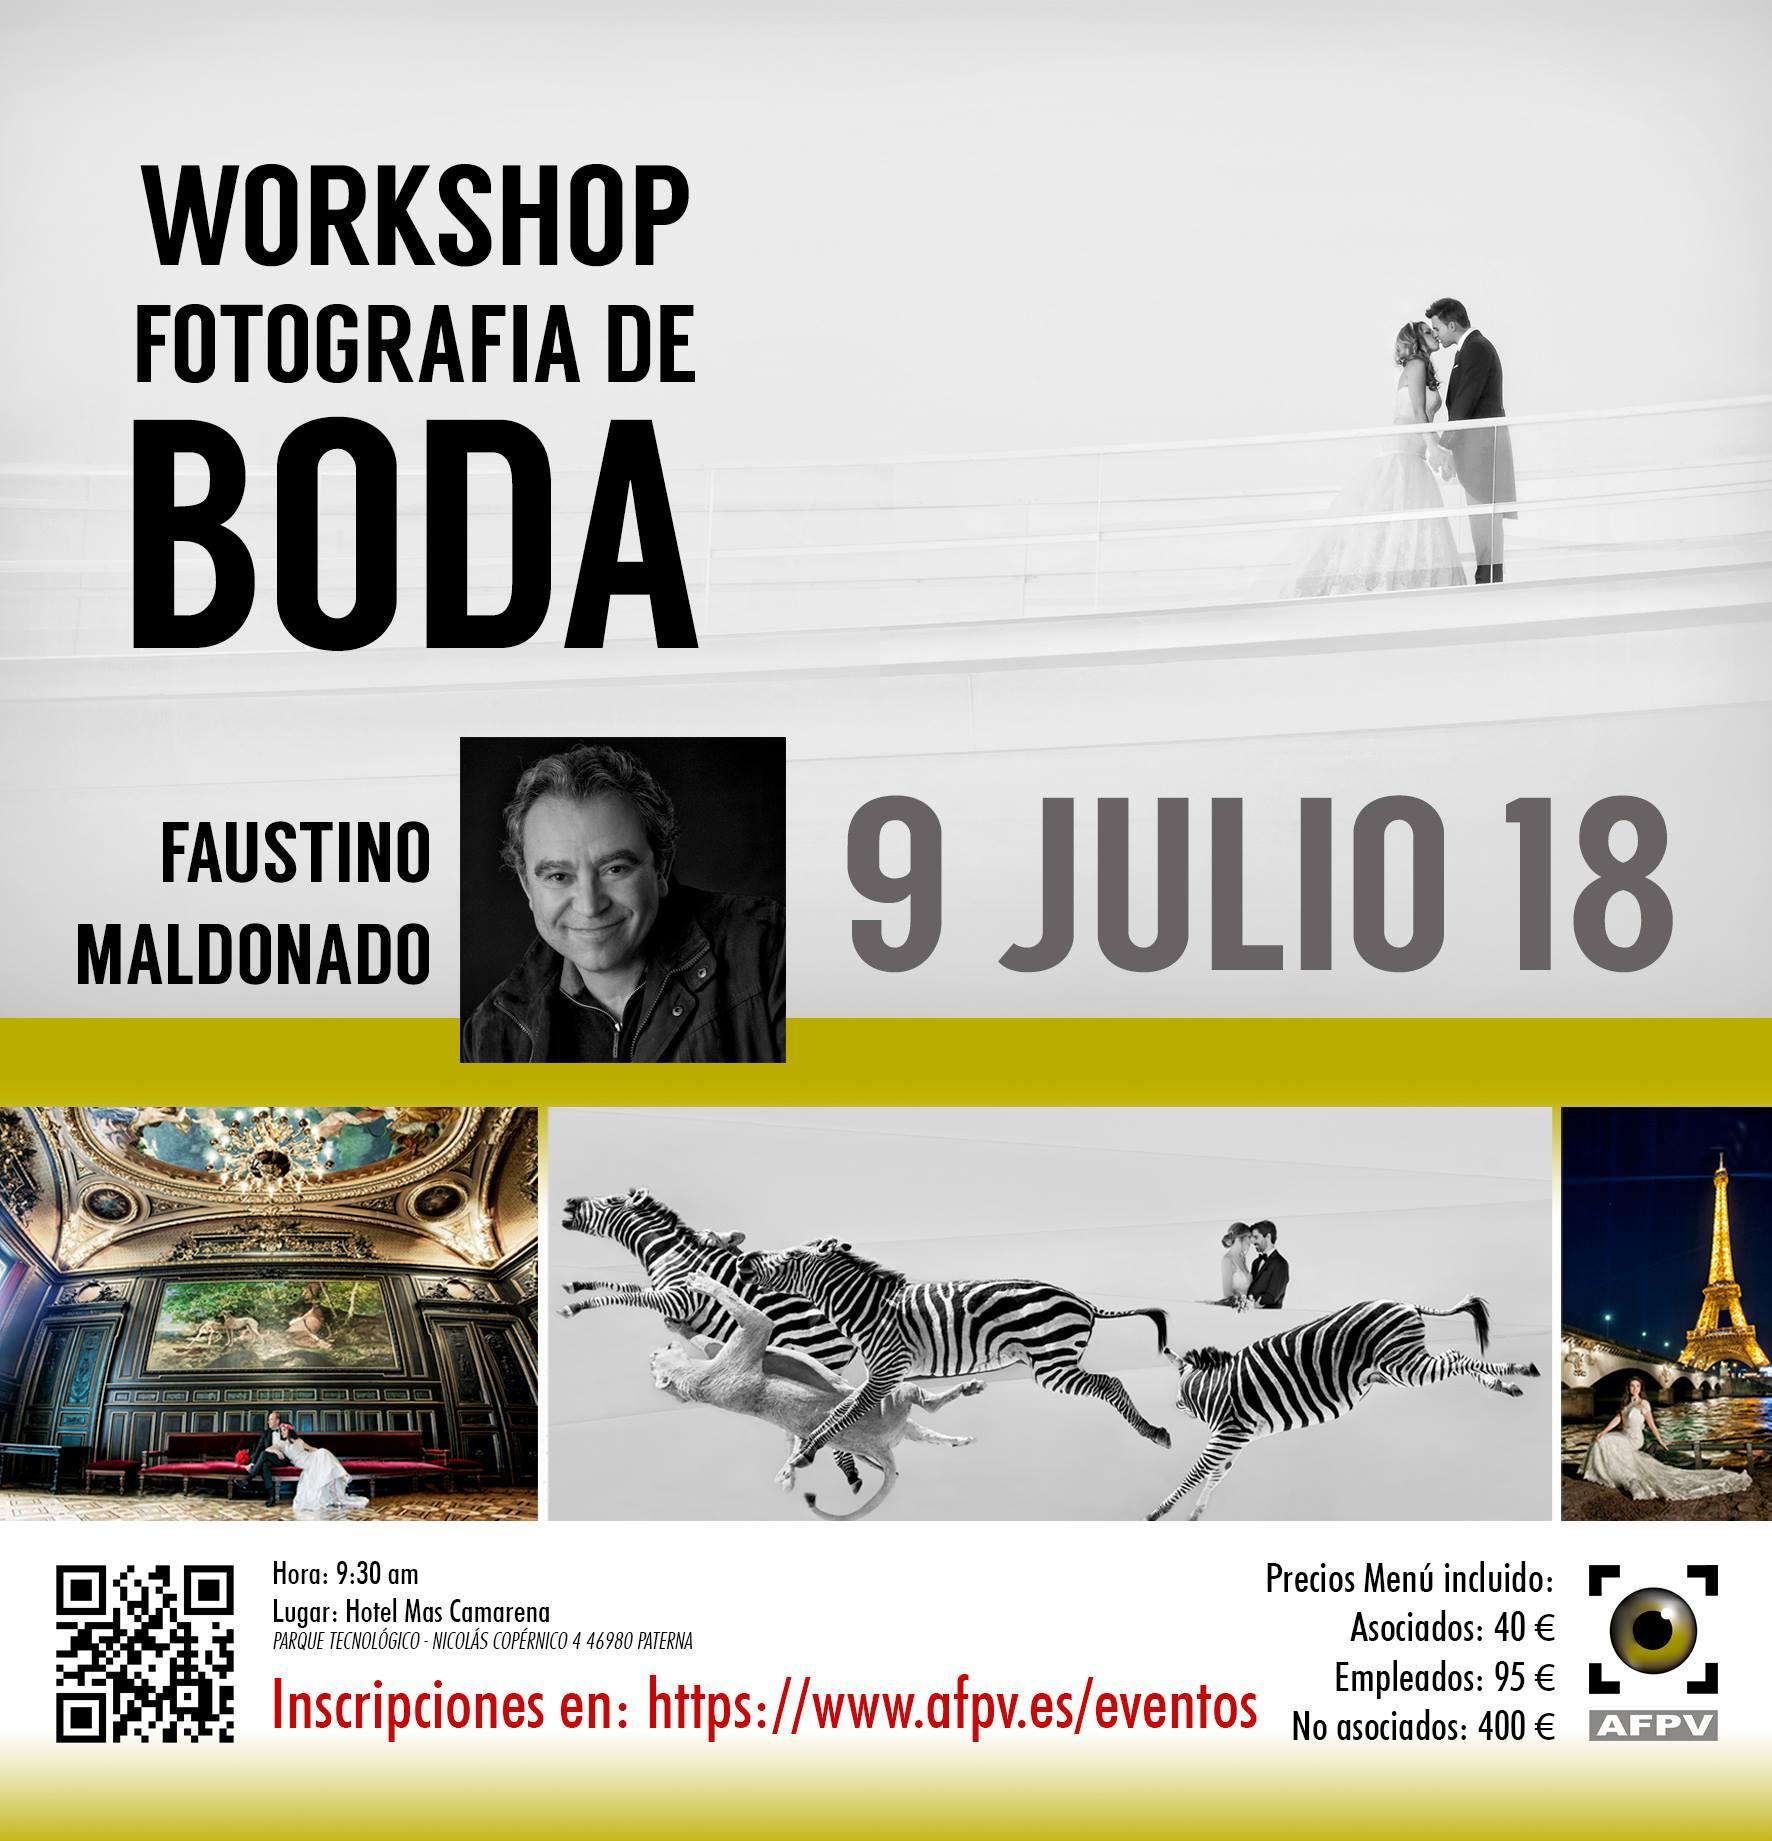 Cartel presentación Taller fotografía de boda Faustino Maldonado-afpv